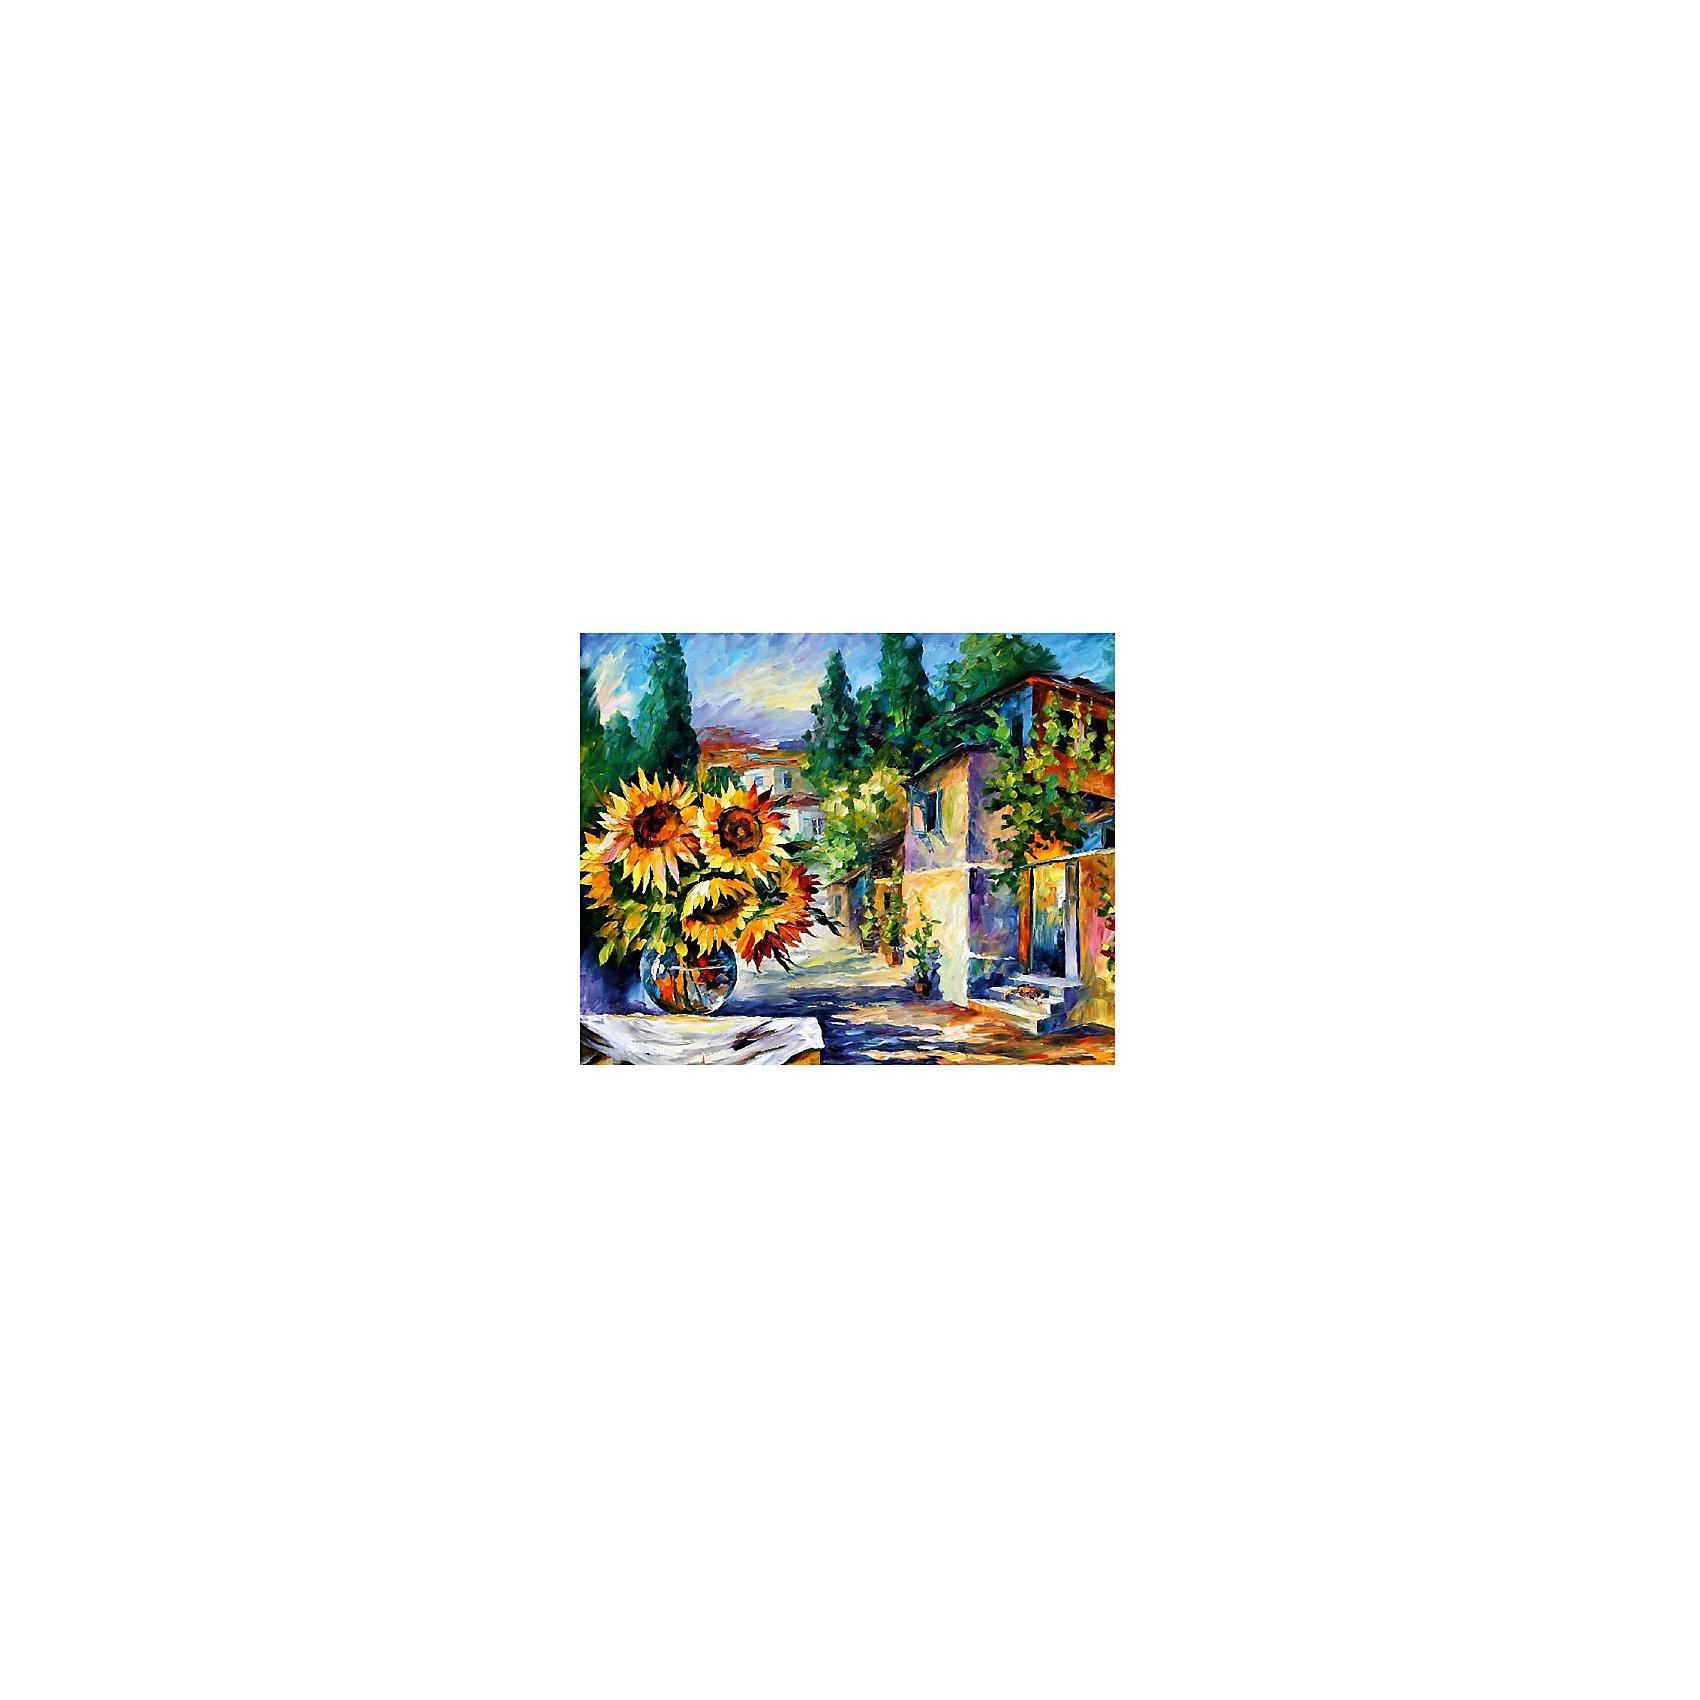 Картина по номерам Афремов: Полдень в Греции, 40*50 смКартины с раскраской по номерам размером 40*50. На деревянном подрамнике, с прогрунтованным холстом и  нанесенными контурами картины, с указанием цвета закраски, акриловыми красками, 3 кисточками и креплением на стену. Уровень сложности, количество красок указаны на коробке.<br><br>Ширина мм: 500<br>Глубина мм: 400<br>Высота мм: 40<br>Вес г: 730<br>Возраст от месяцев: 108<br>Возраст до месяцев: 2147483647<br>Пол: Унисекс<br>Возраст: Детский<br>SKU: 5417687